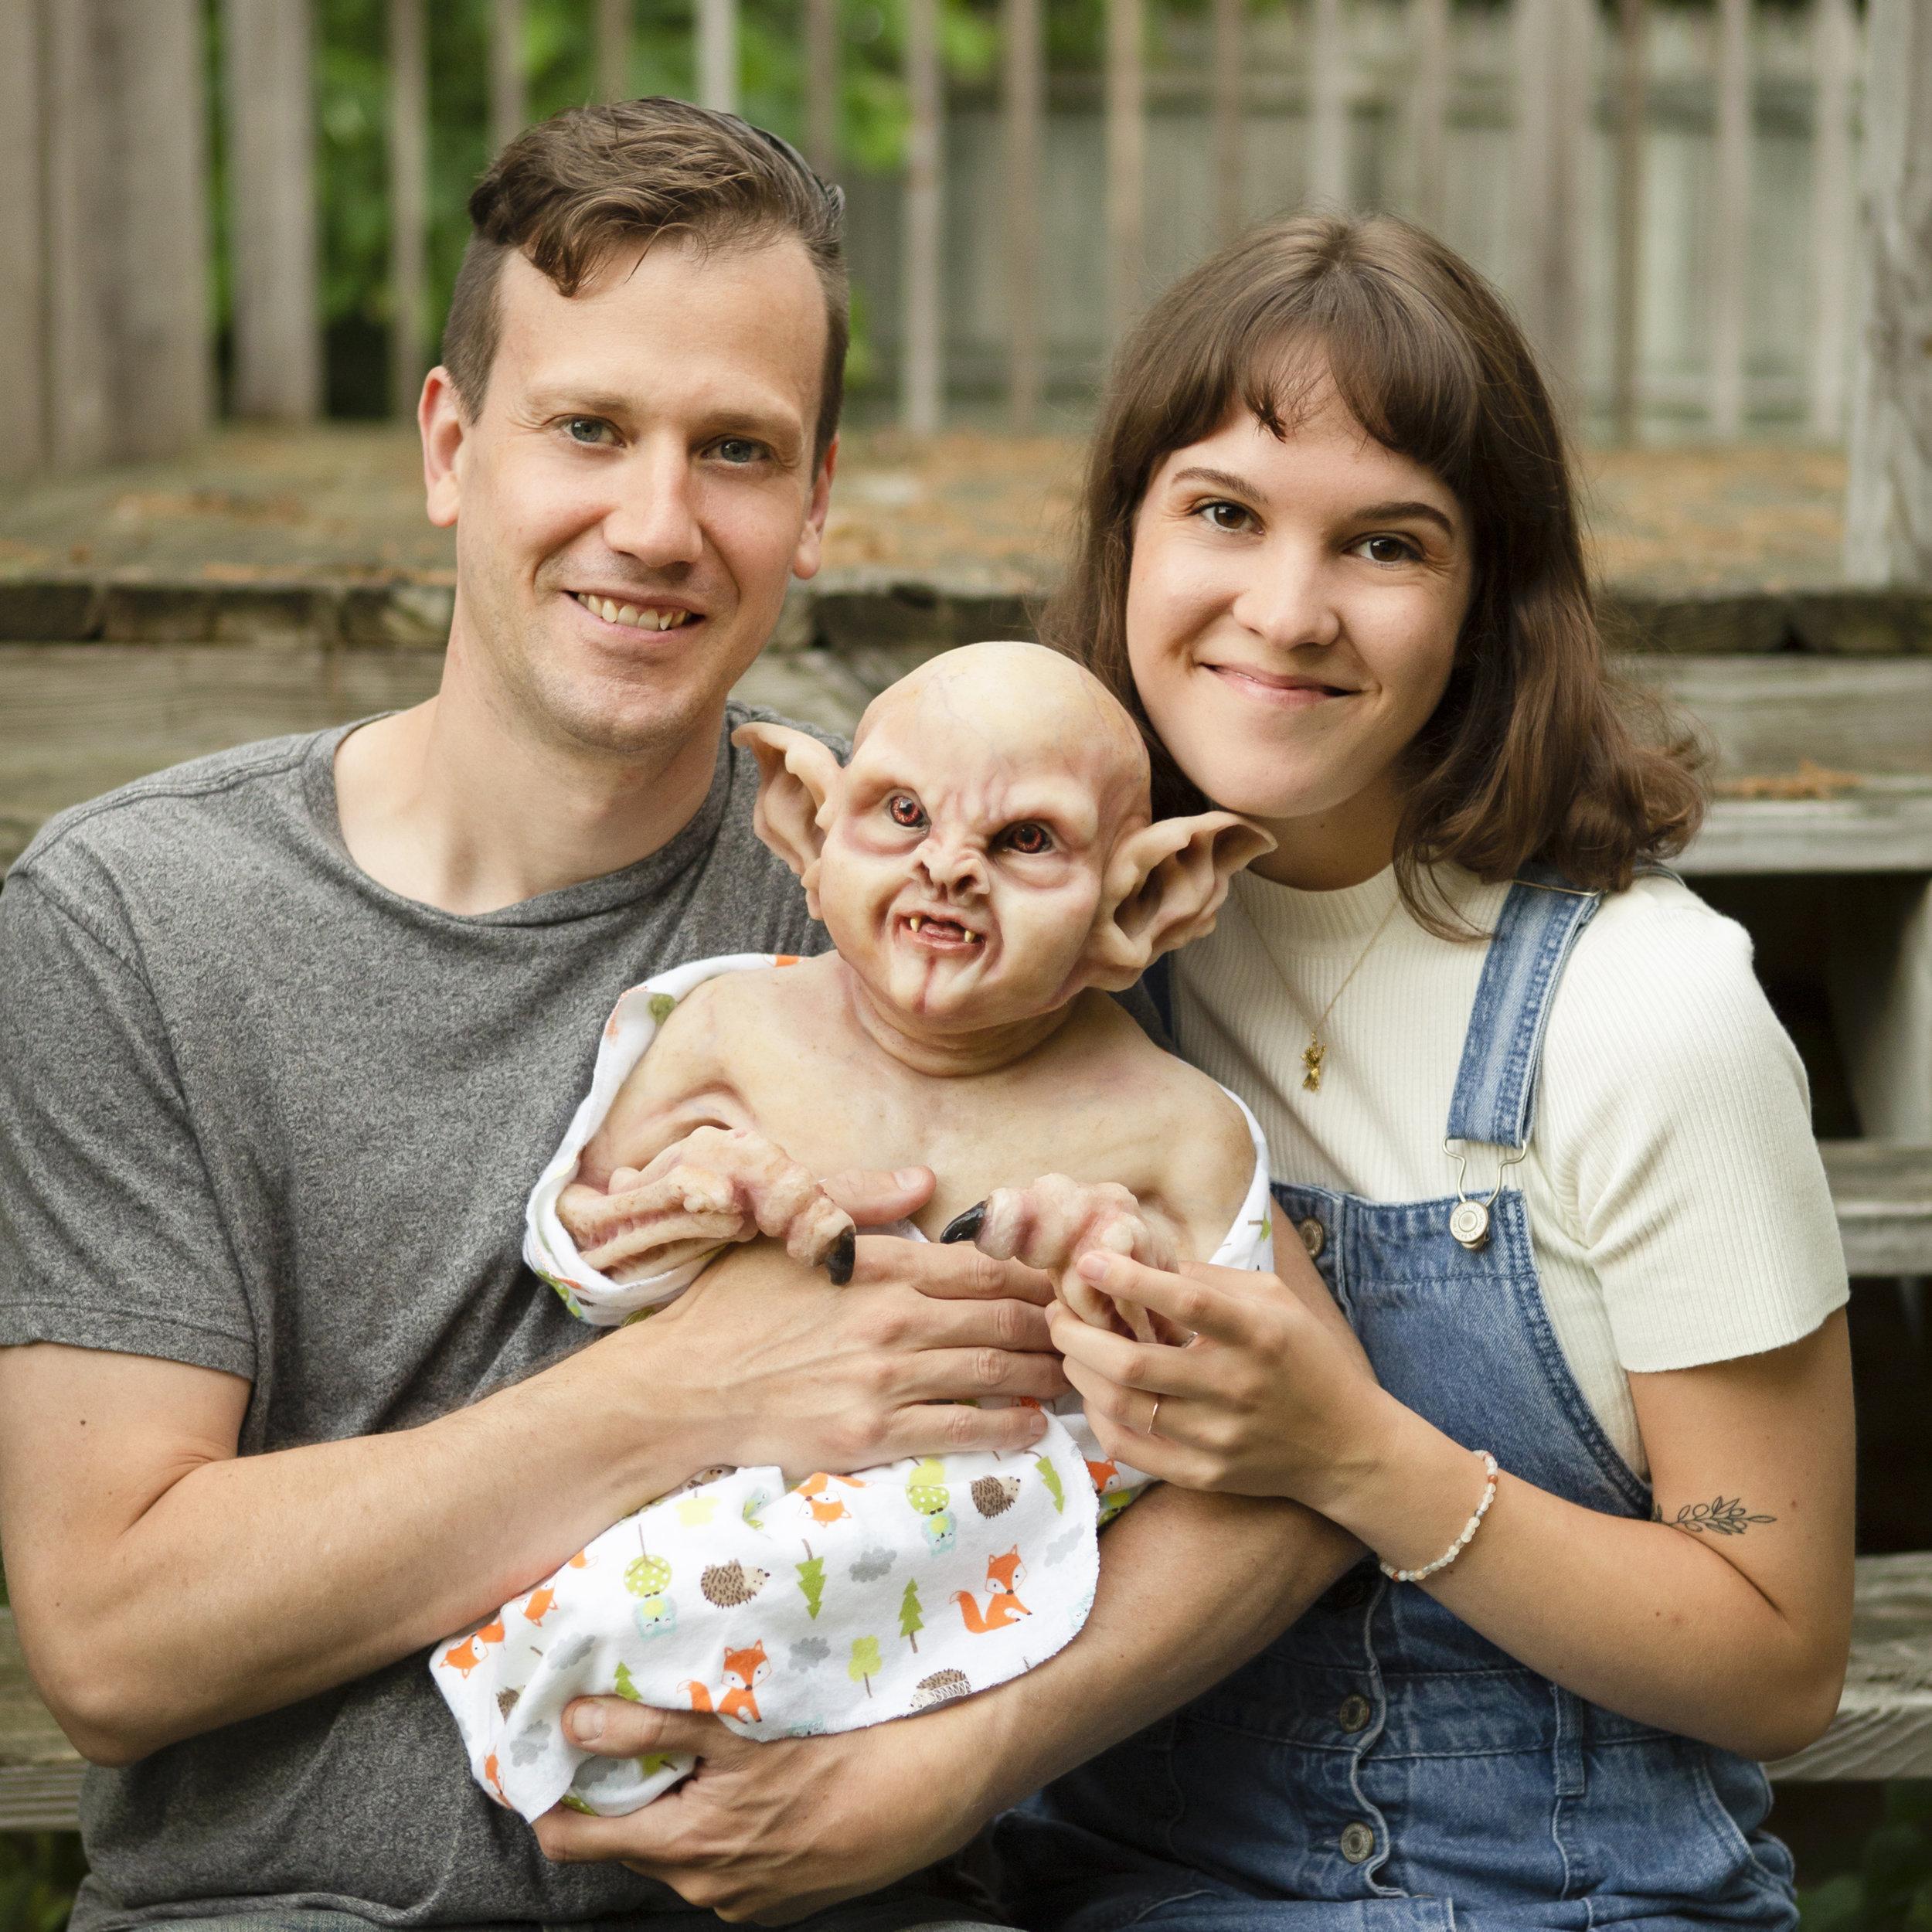 Awkward Family Photos | Newborn Vampire  | Newborn photoshoot | Ravendark Creations Vampire Baby | Newborn Photoshoots | Alyssia Booth's Candid & Studio | www.abcandidstudio.com